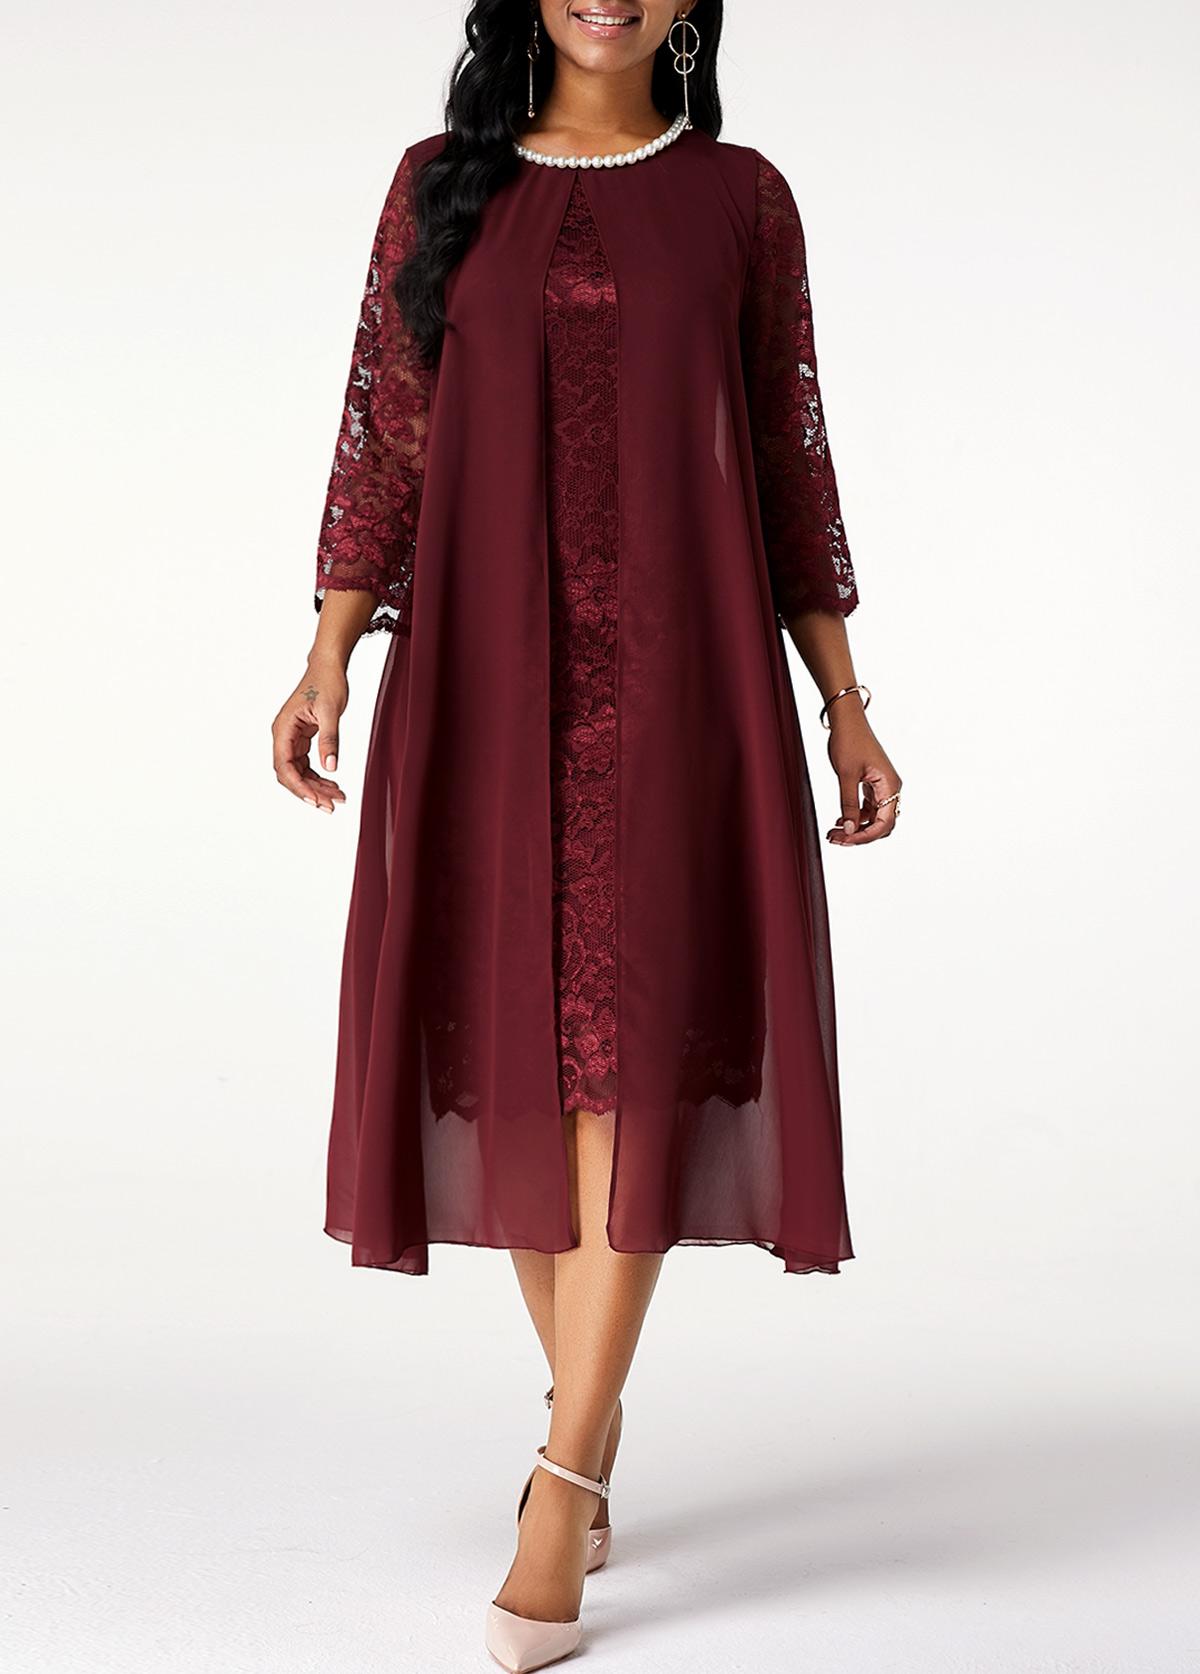 Chiffon Lace Stitching Pearl 3/4 Sleeve Dress